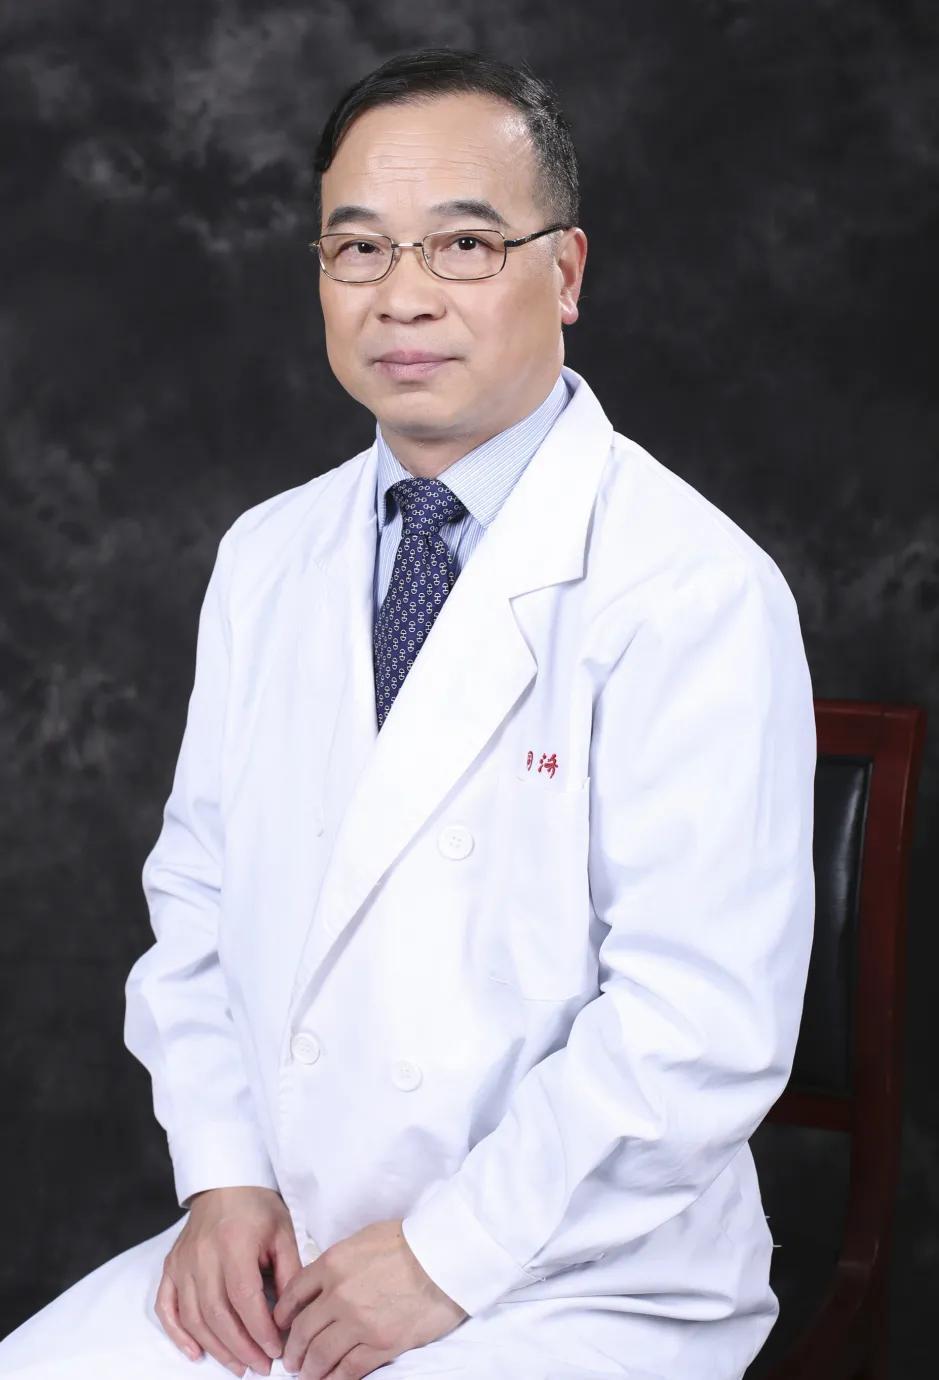 上海市同济医院罗明:高血压你不知道的秘密